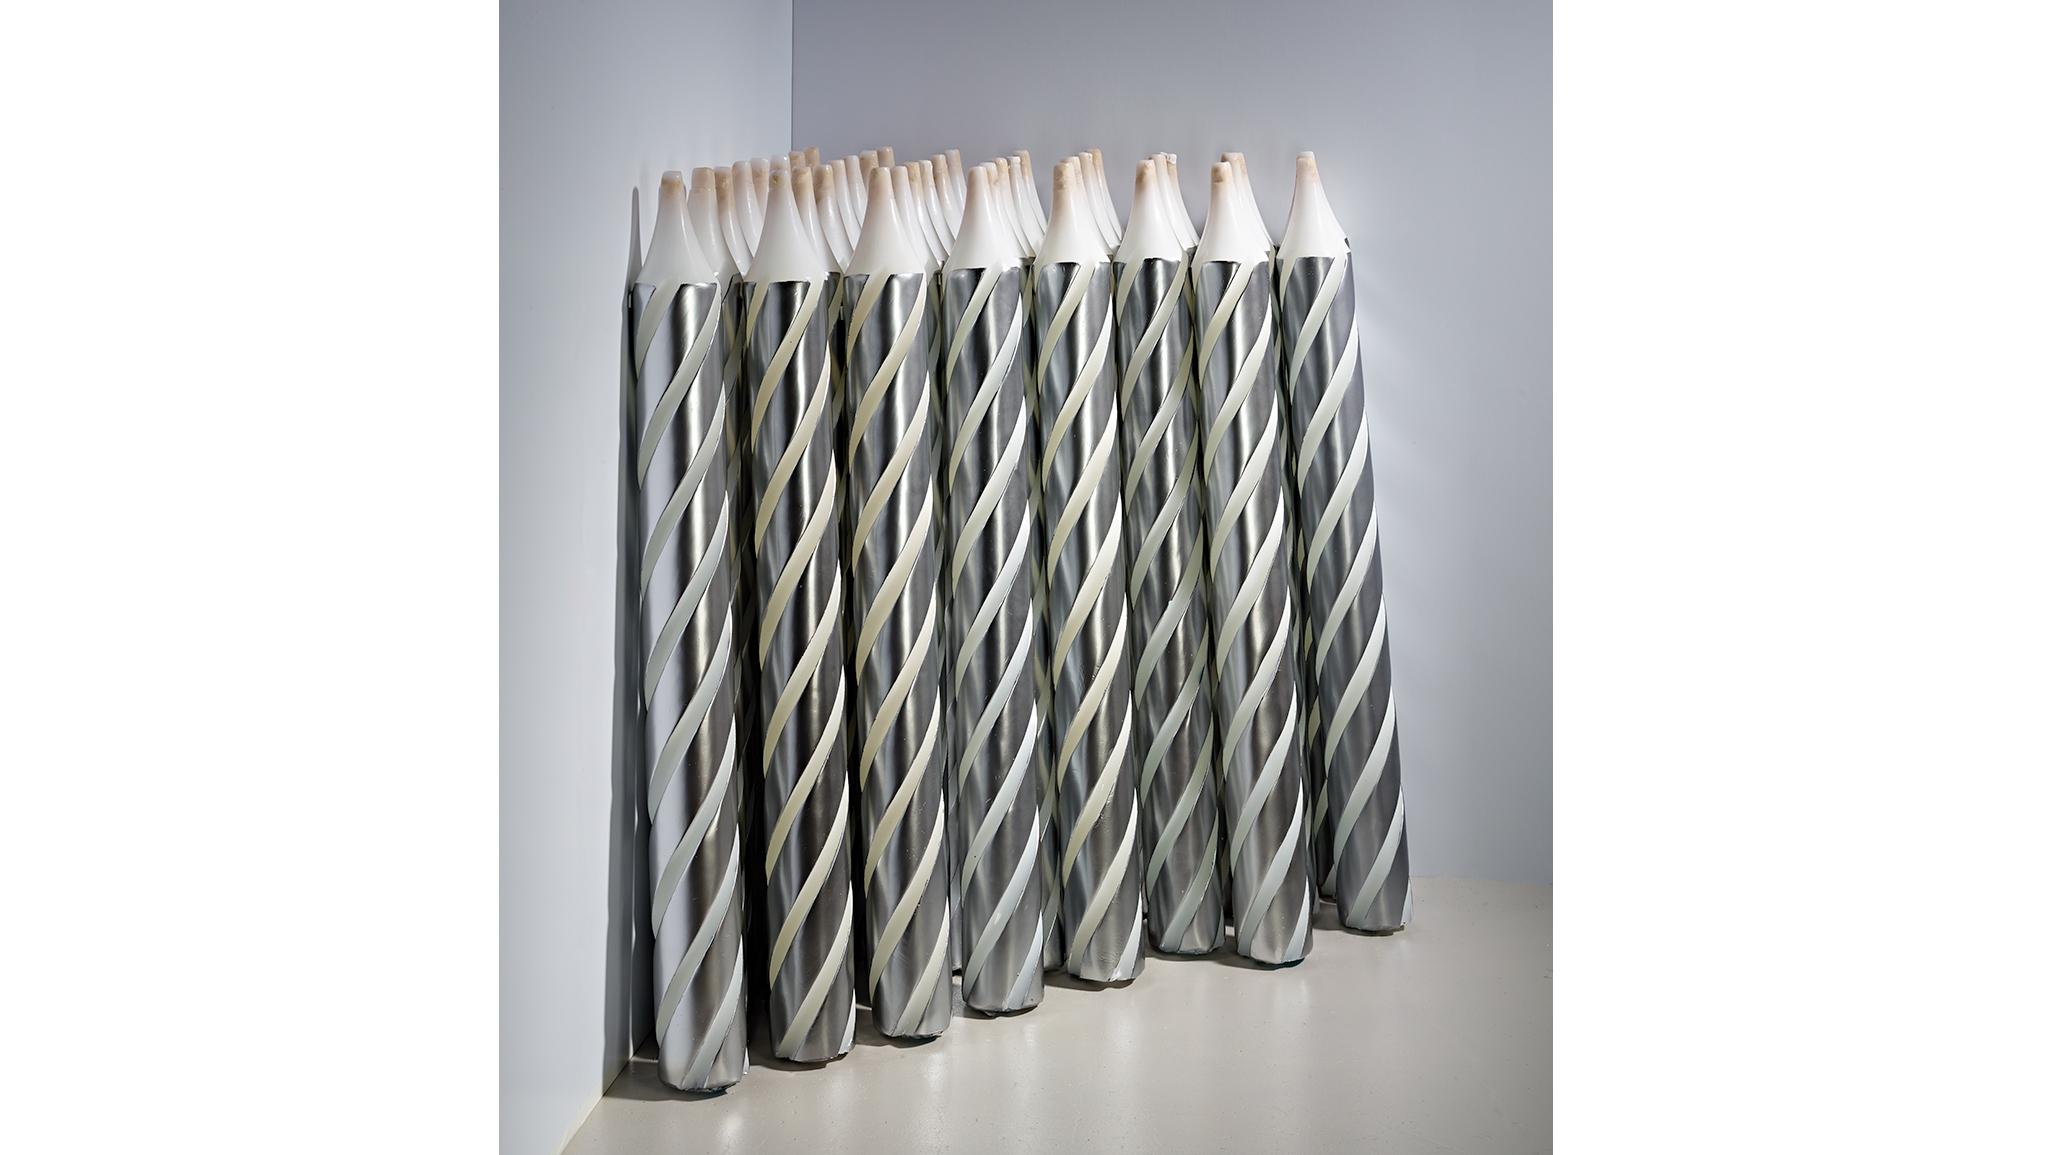 Philippe Parreno, Candles (Interior Cartoons), 2012